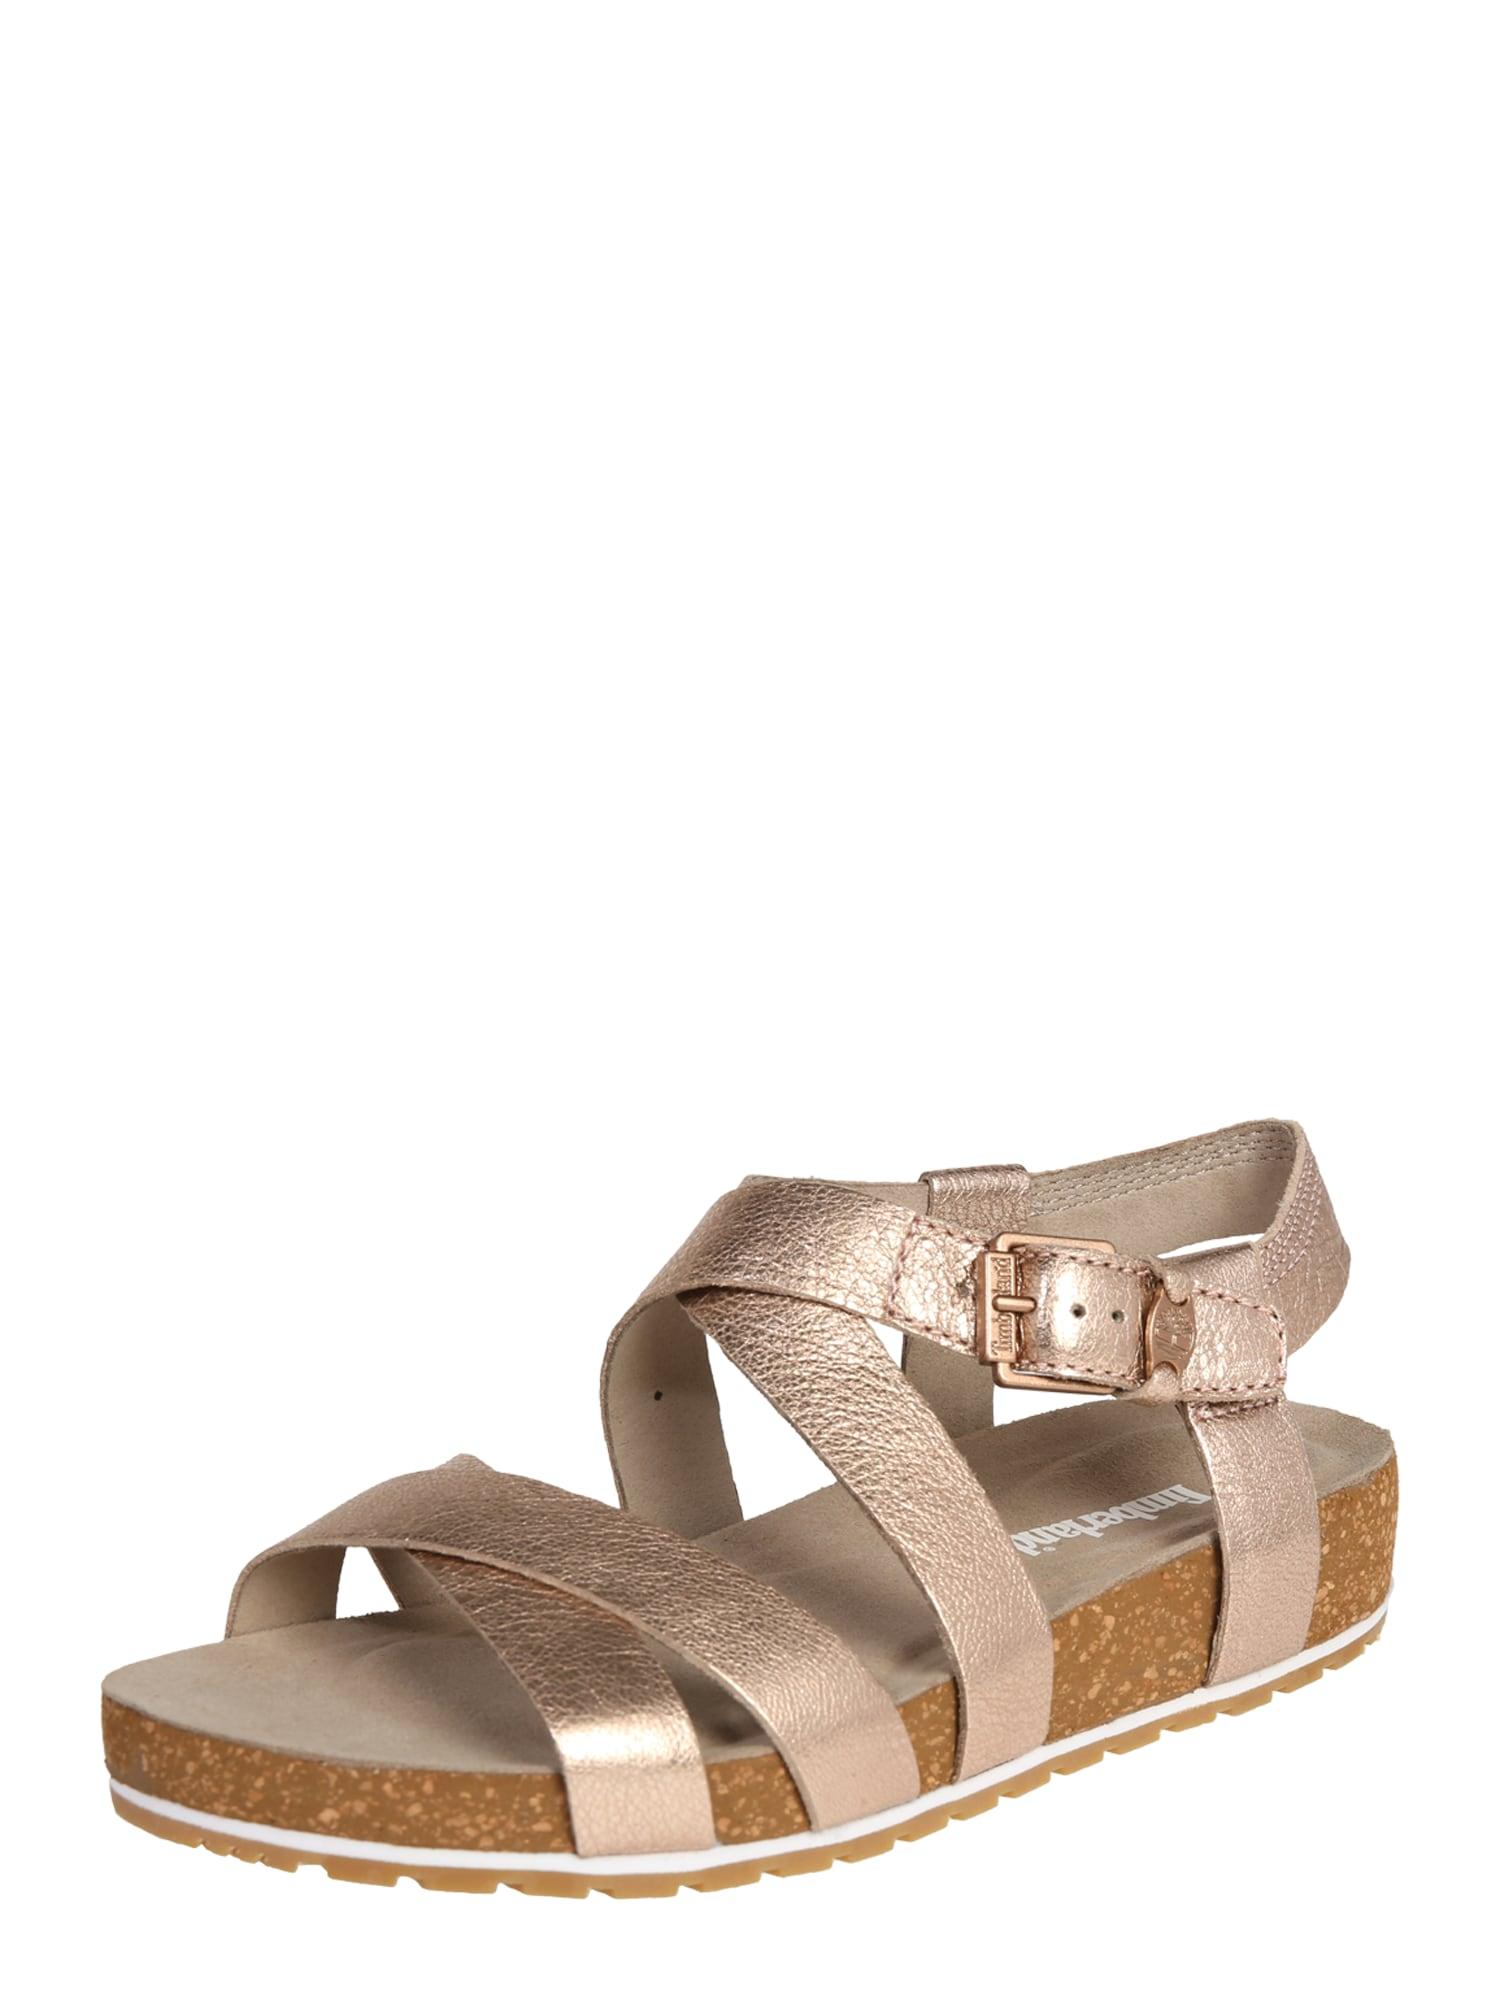 Páskové sandály Malibu Waves zlatá růže TIMBERLAND